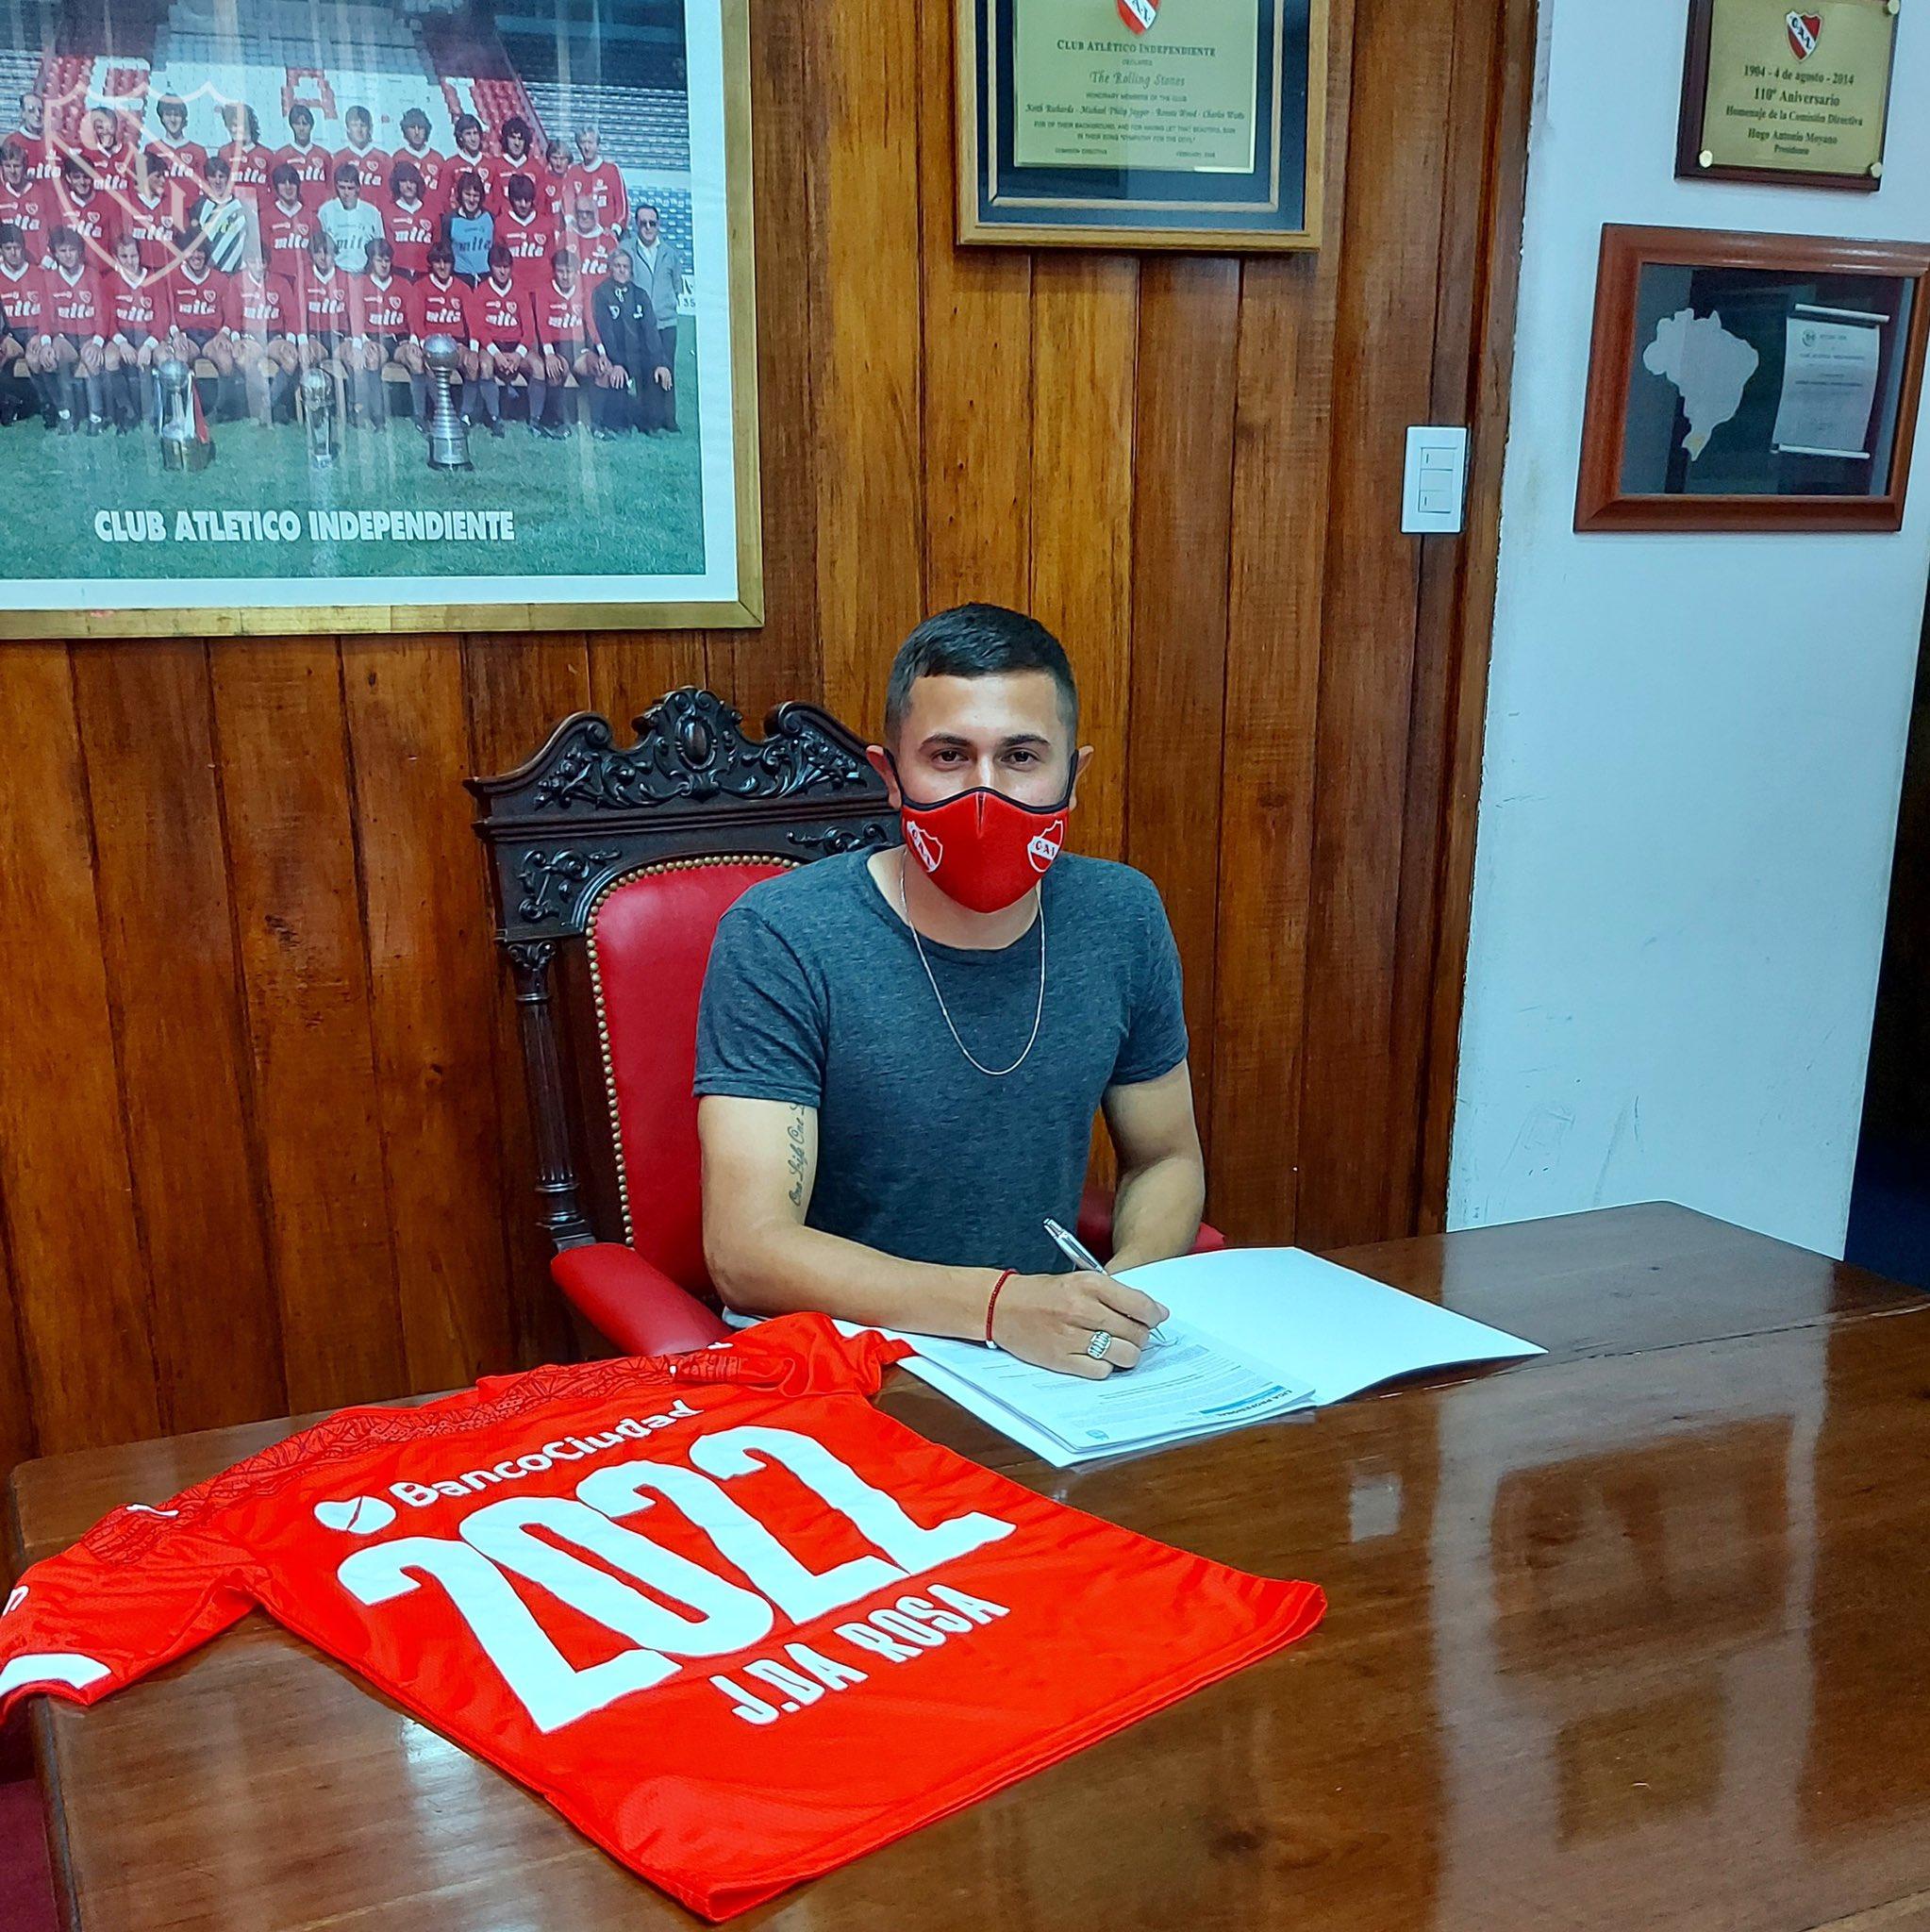 Juan da Rosa también renovó su contrato con Independiente hasta 2022